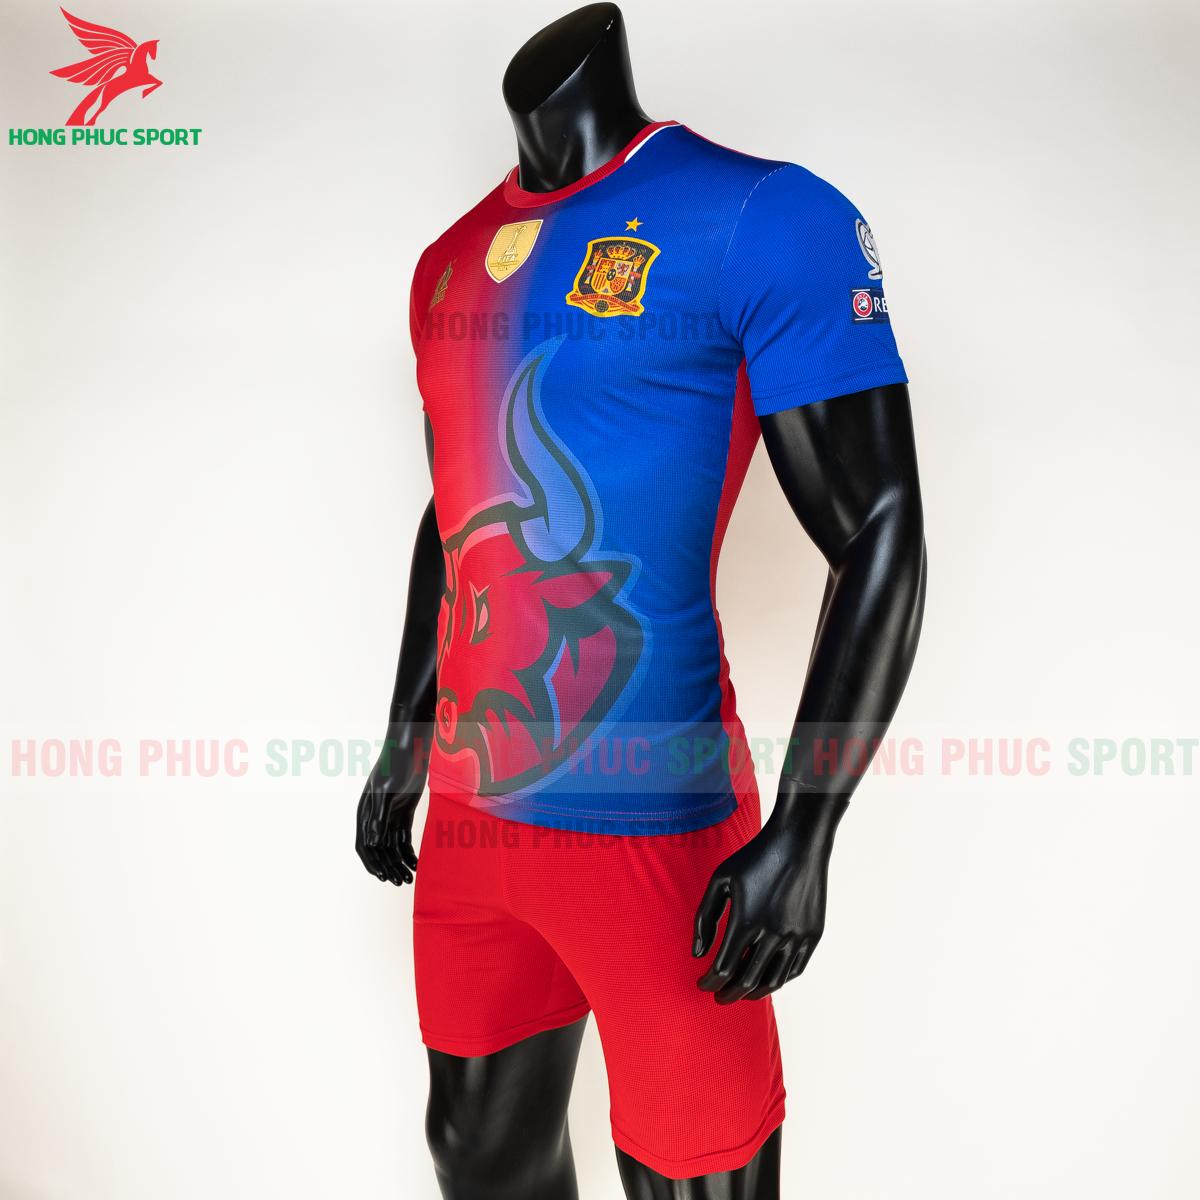 https://cdn.hongphucsport.com/unsafe/s4.shopbay.vn/files/285/ao-tuyen-tay-ban-nha-hang-det-phien-ban-fan-acrra-6-5fa1019357b71.png